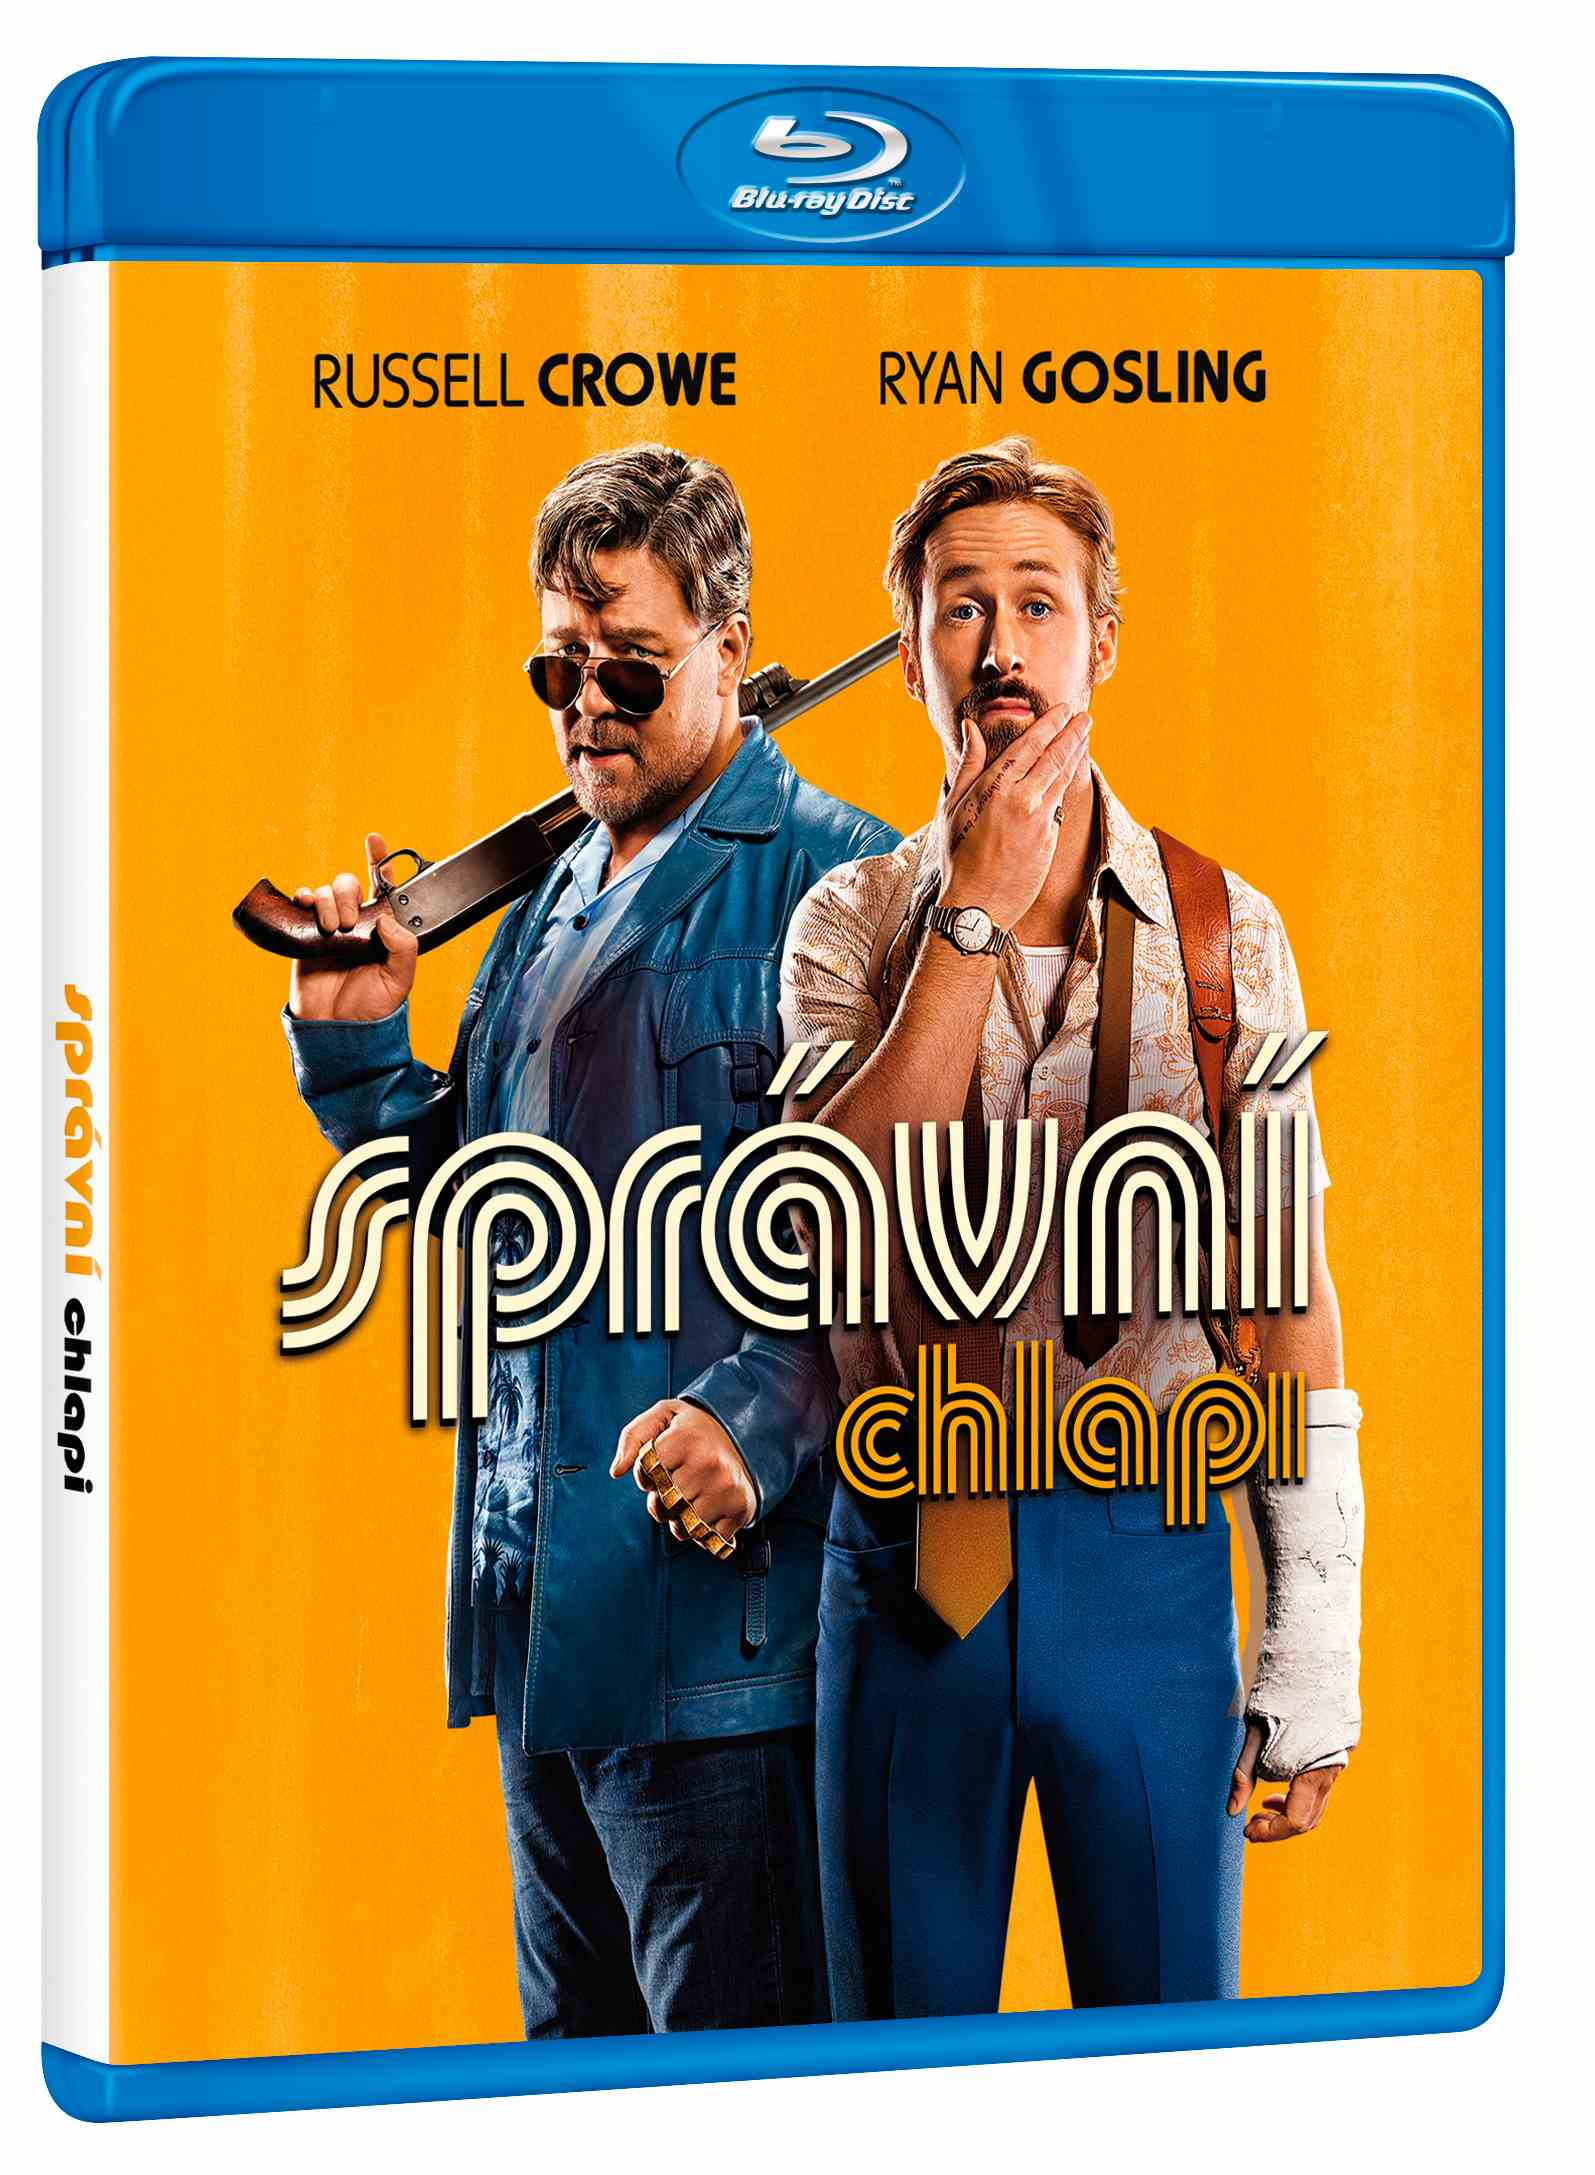 SPRÁVNÍ CHLAPI - Blu-ray